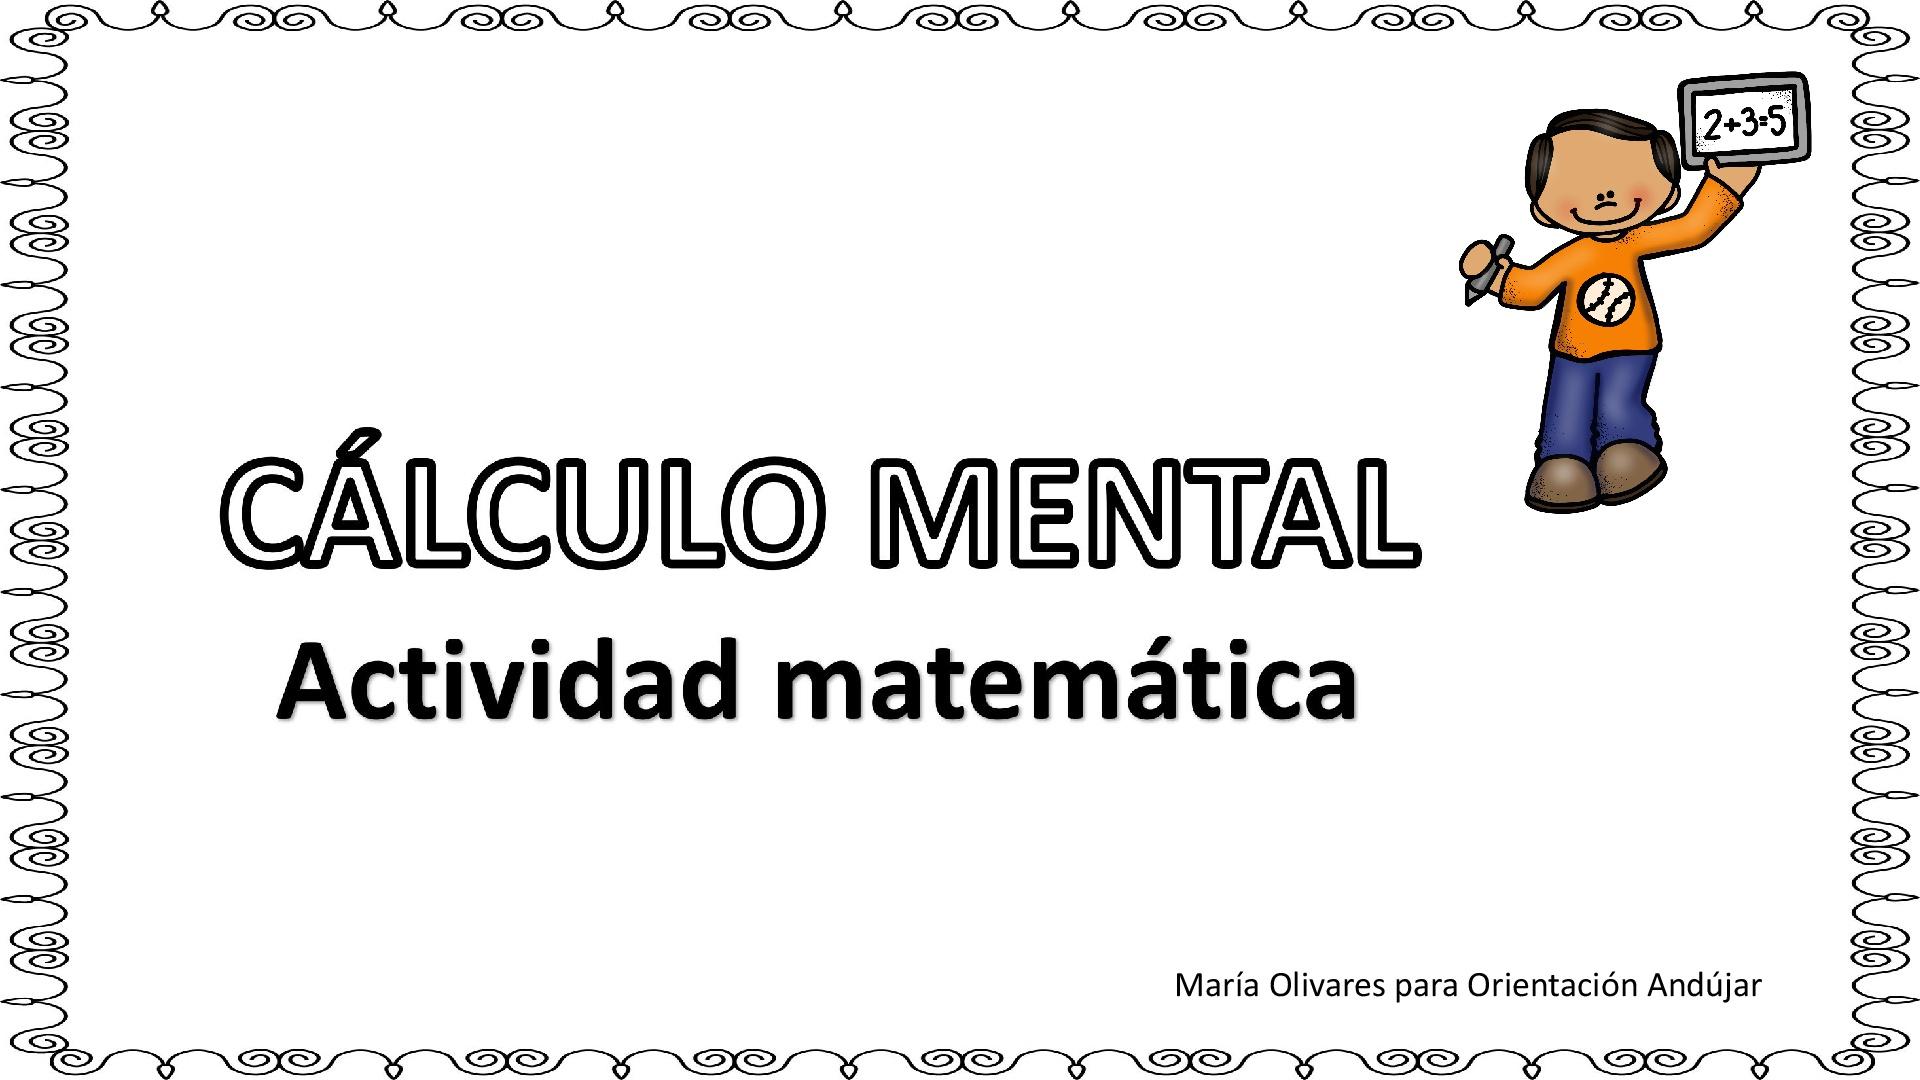 Calculo Mental Actividad Matematica Orientacion Andujar